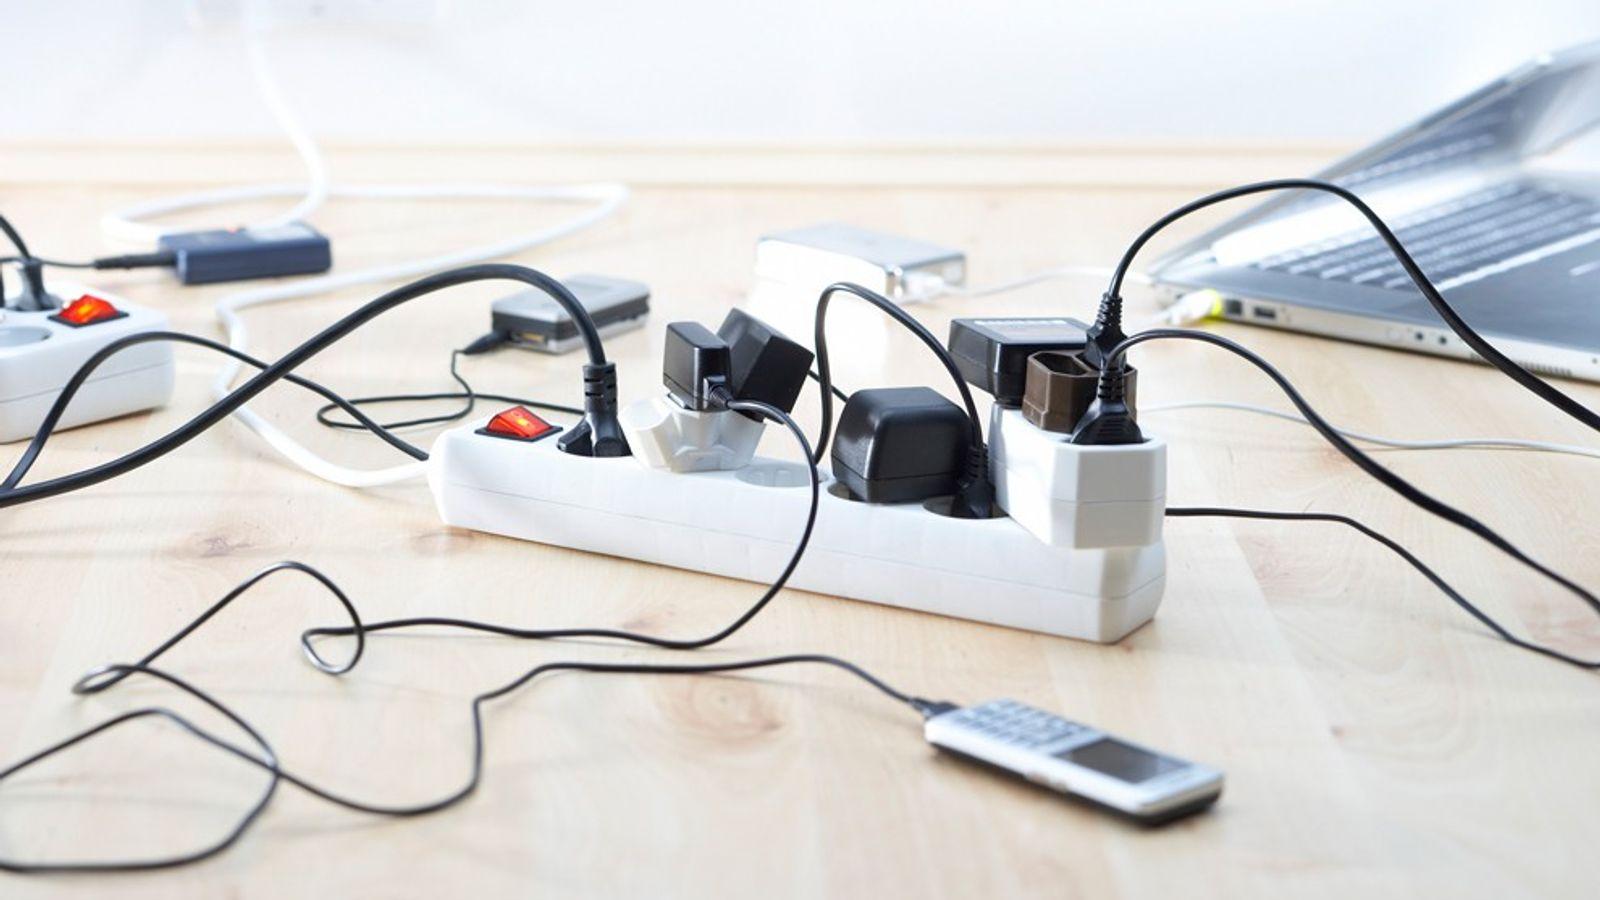 Muchos dispositivos domésticos siguen consumiendo energía aunque no se estén utilizando, aumentando la factura eléctrica.